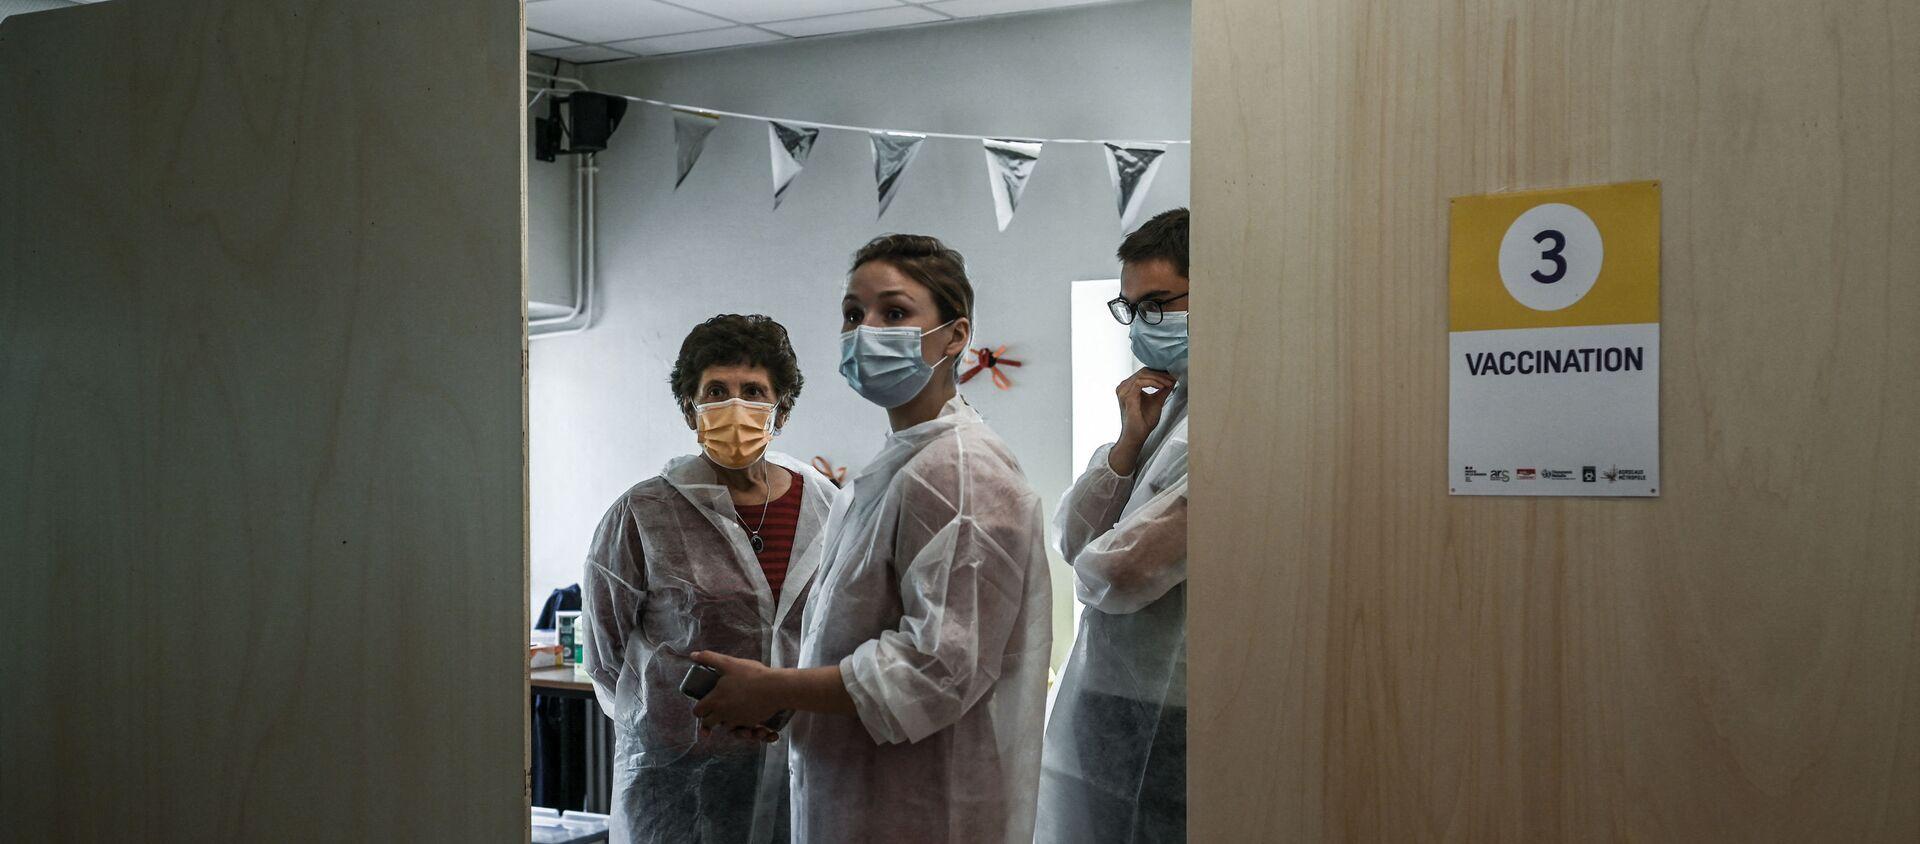 Des soignants vaccinent contre le Covid-19 au centre de vaccination de Bacalan près de Bordeaux, mai 2021 - Sputnik France, 1920, 01.07.2021